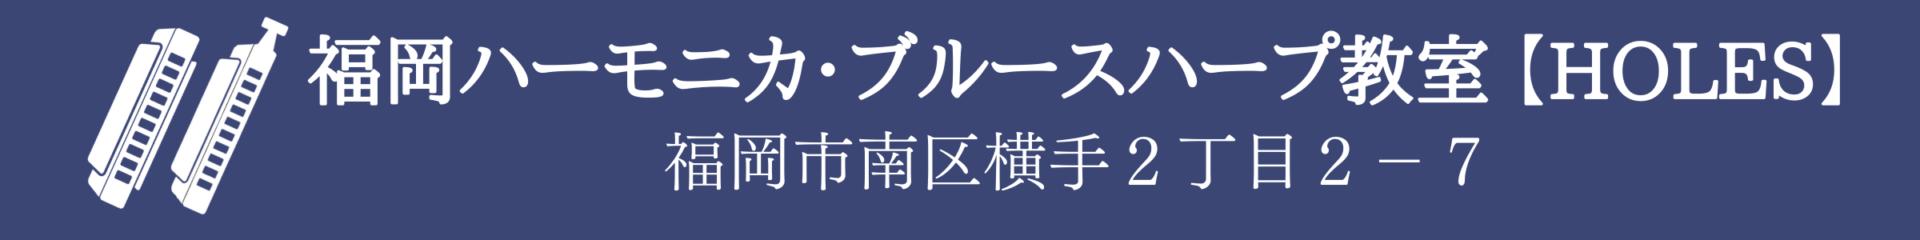 福岡ハーモニカ・ブルースハープ教室【HOLES】